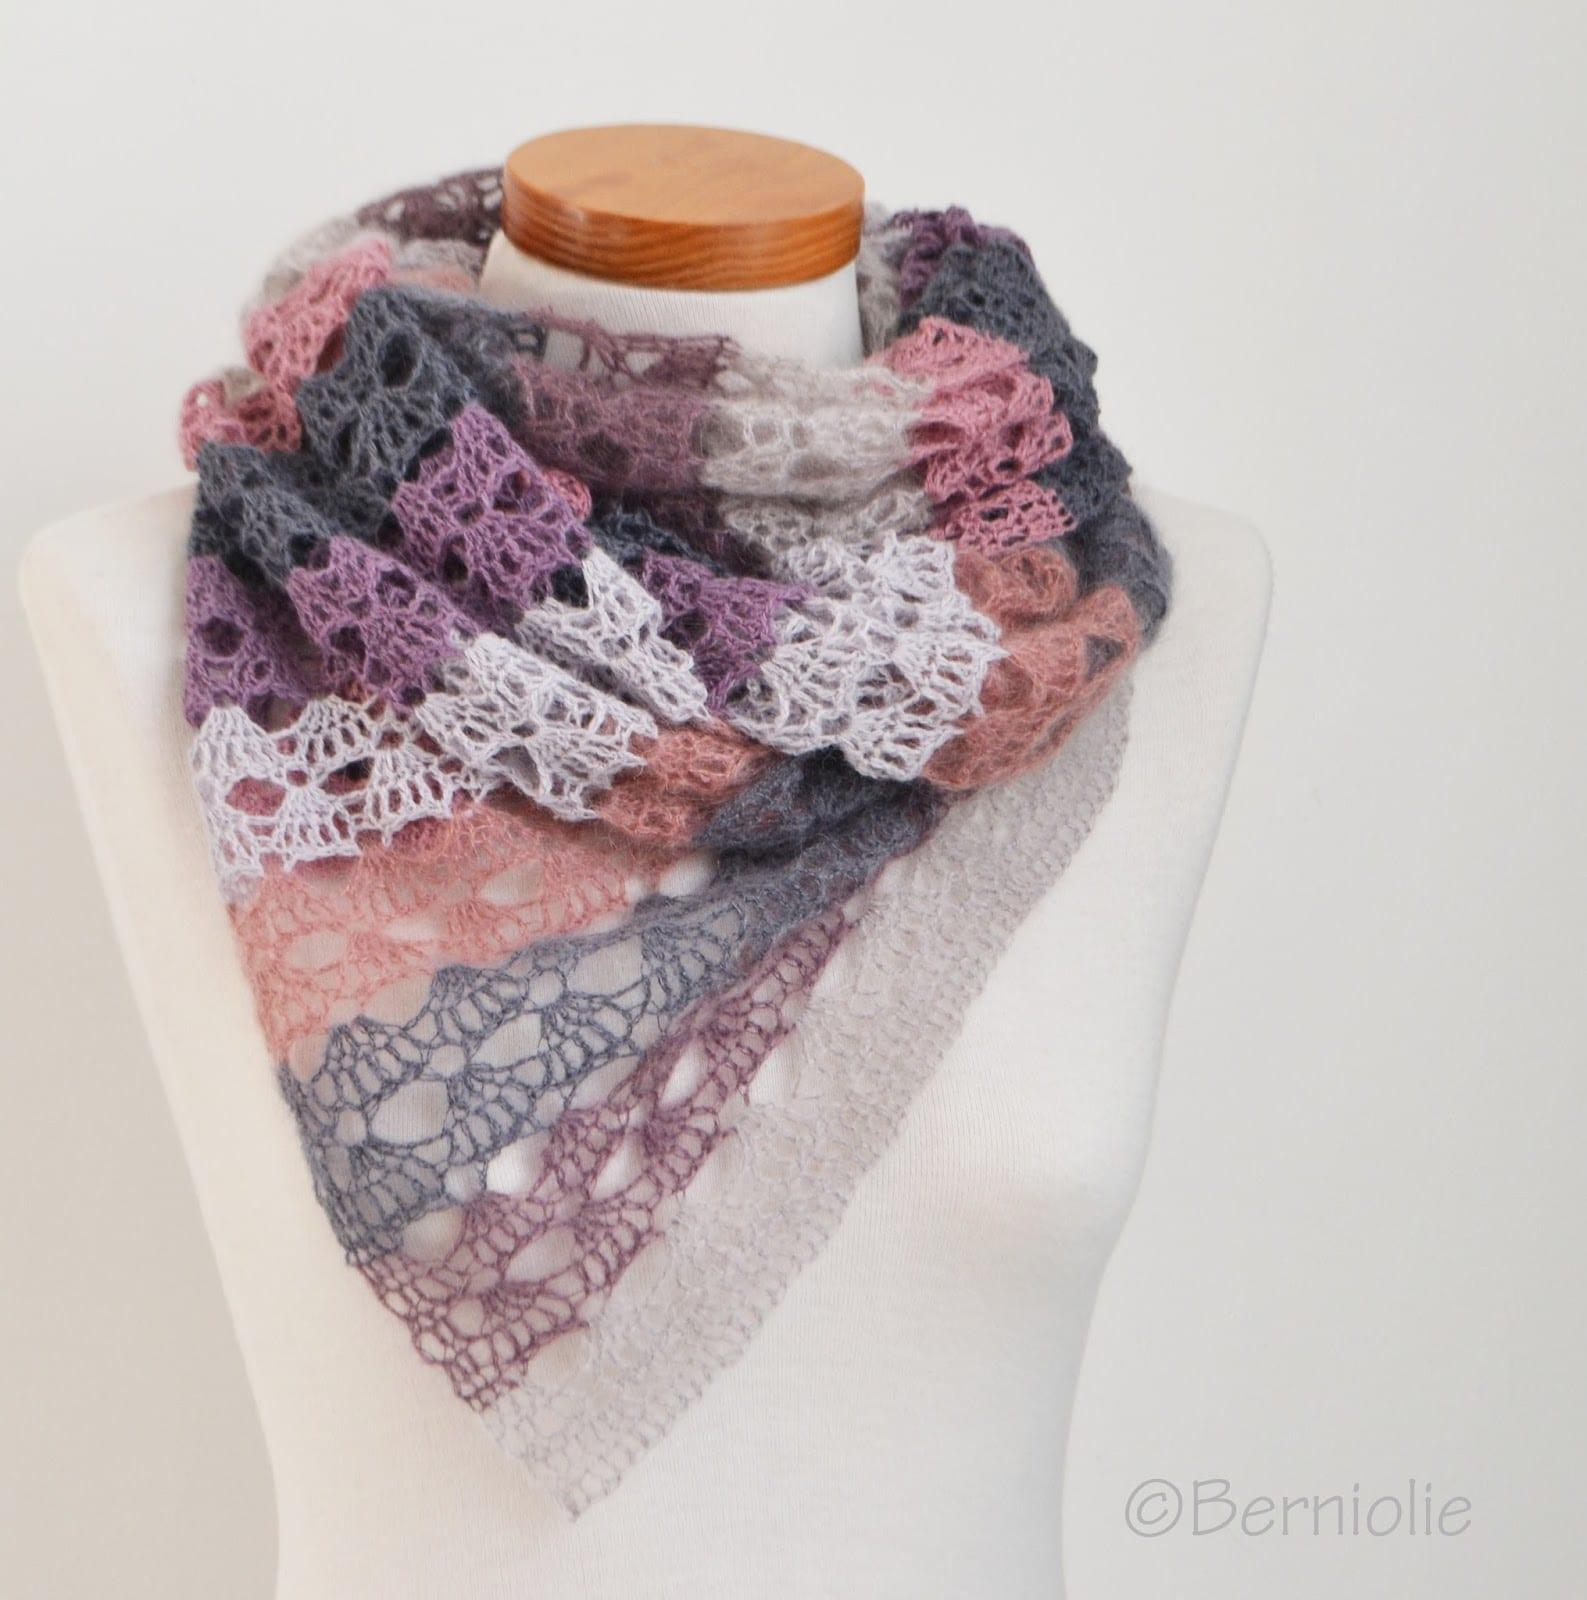 Şiş-ile-örülen-ebruli-renk-şık-şal-modeli